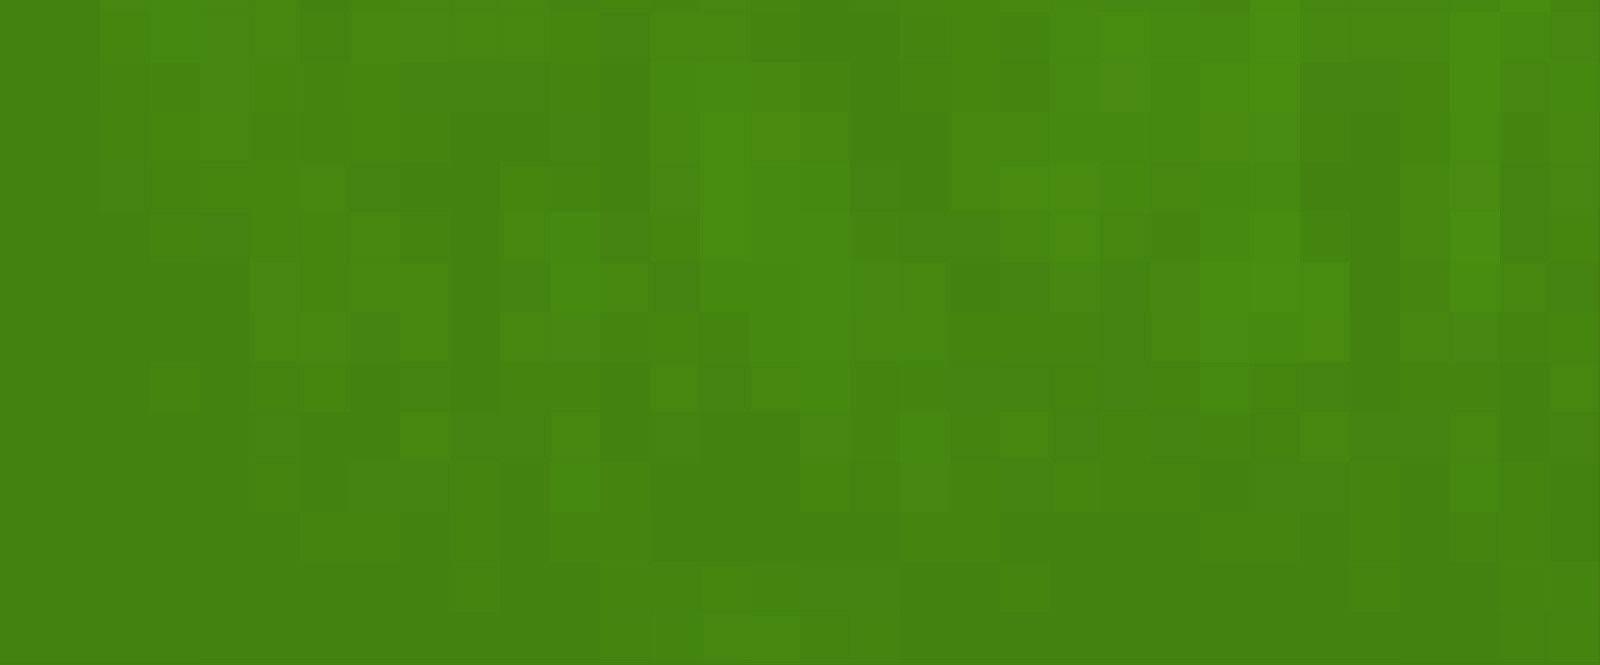 bg_verde-002